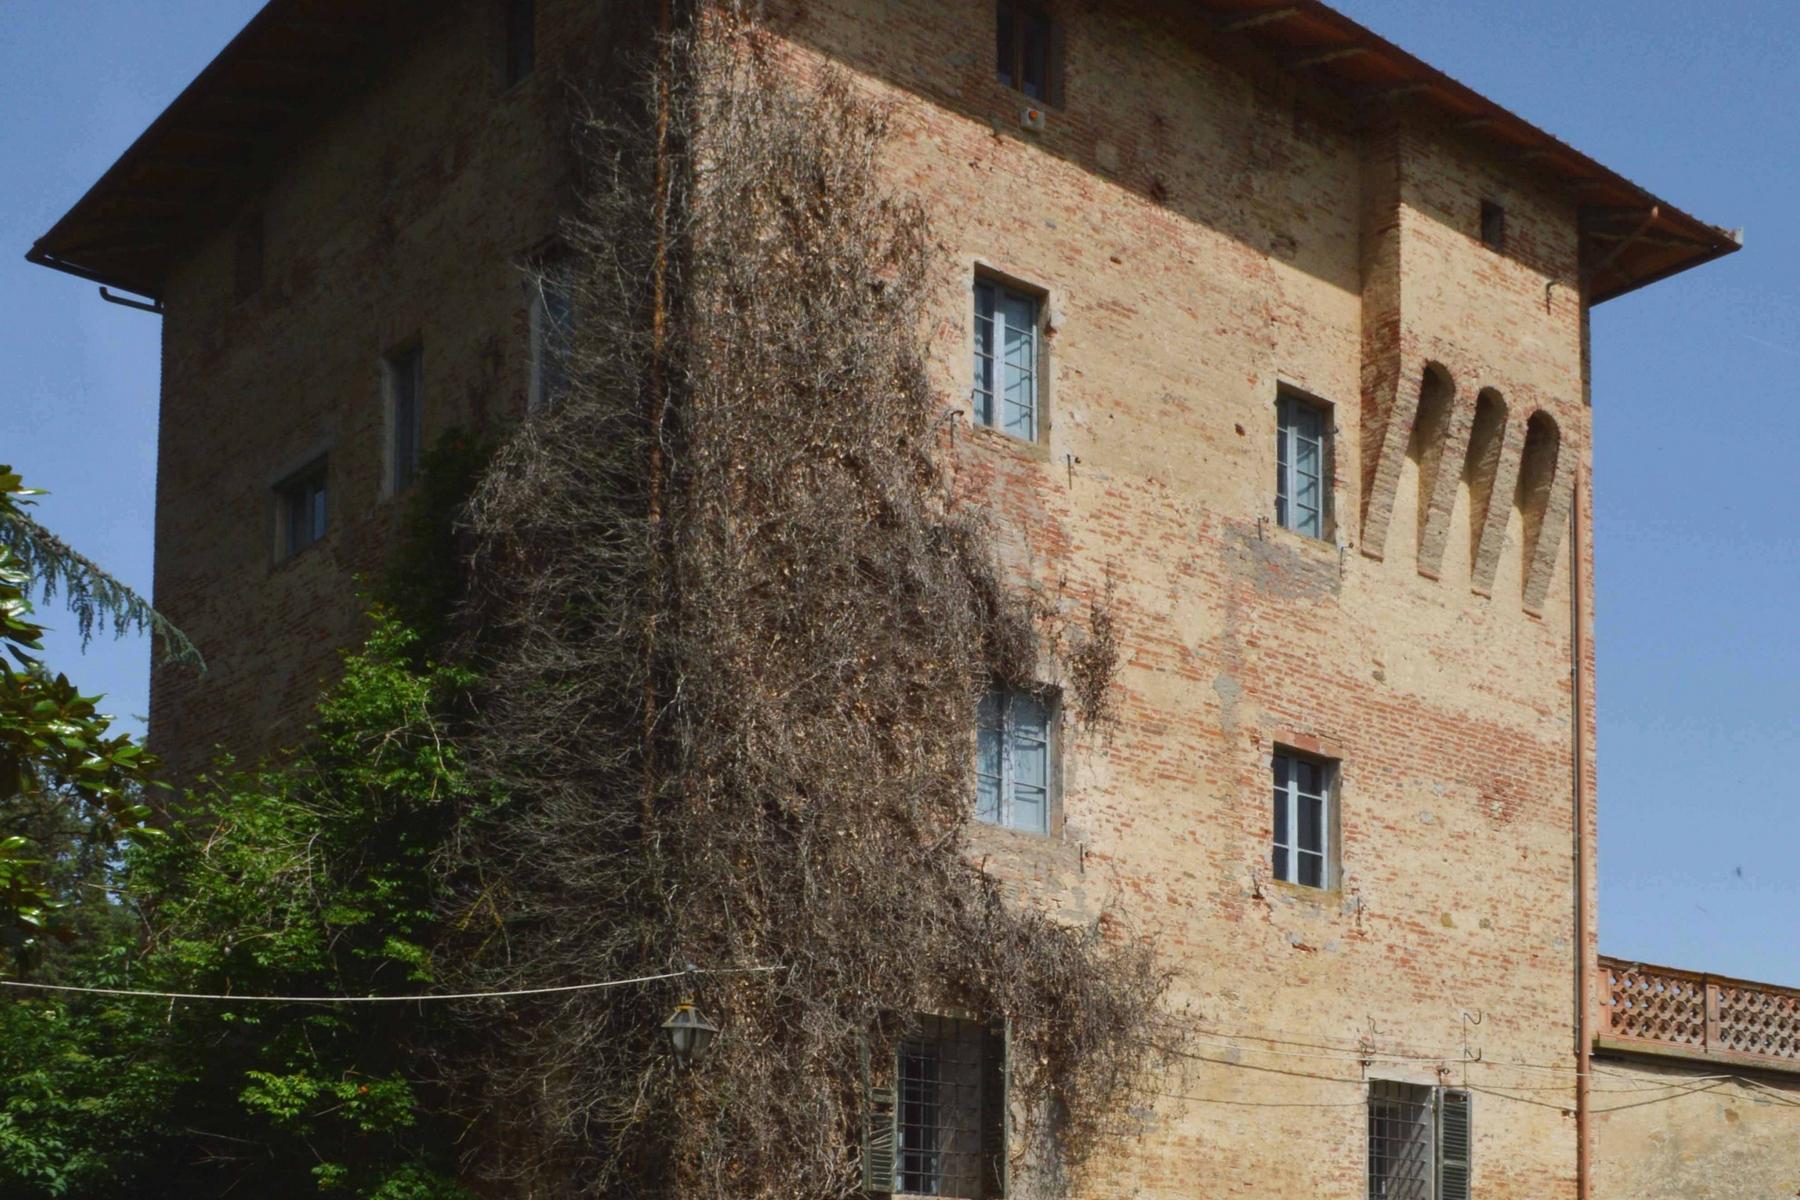 Rustico in Vendita a Marsciano: 5 locali, 1500 mq - Foto 7